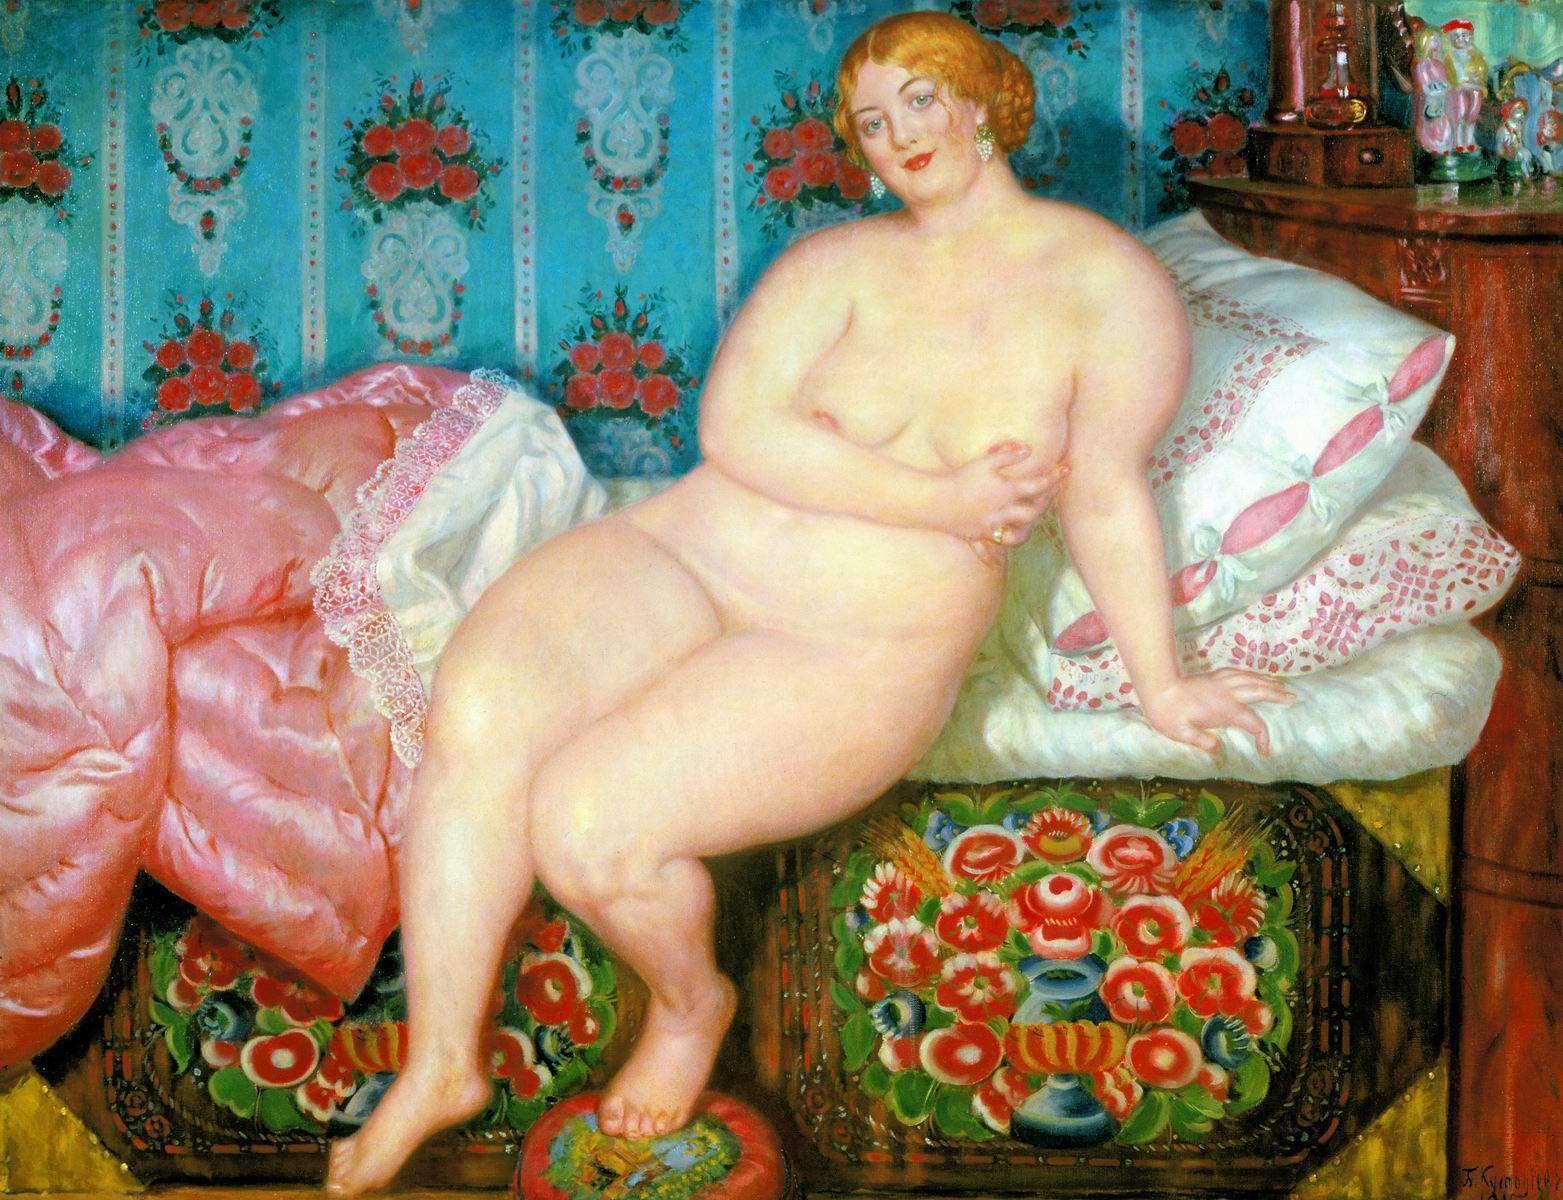 """12/16. Кустодијев је 1915. завршио ремек-дело """"Лепота"""". Снагом талента, он овде креира нову уметничку стварност. На слици богате текстуре пажњу посматрача привлаче вешто приказани детаљи просторије, али је одмах јасно да највећа лепота лежи у женском телу. """"Лепота"""", Борис Кустодијев, 1915."""